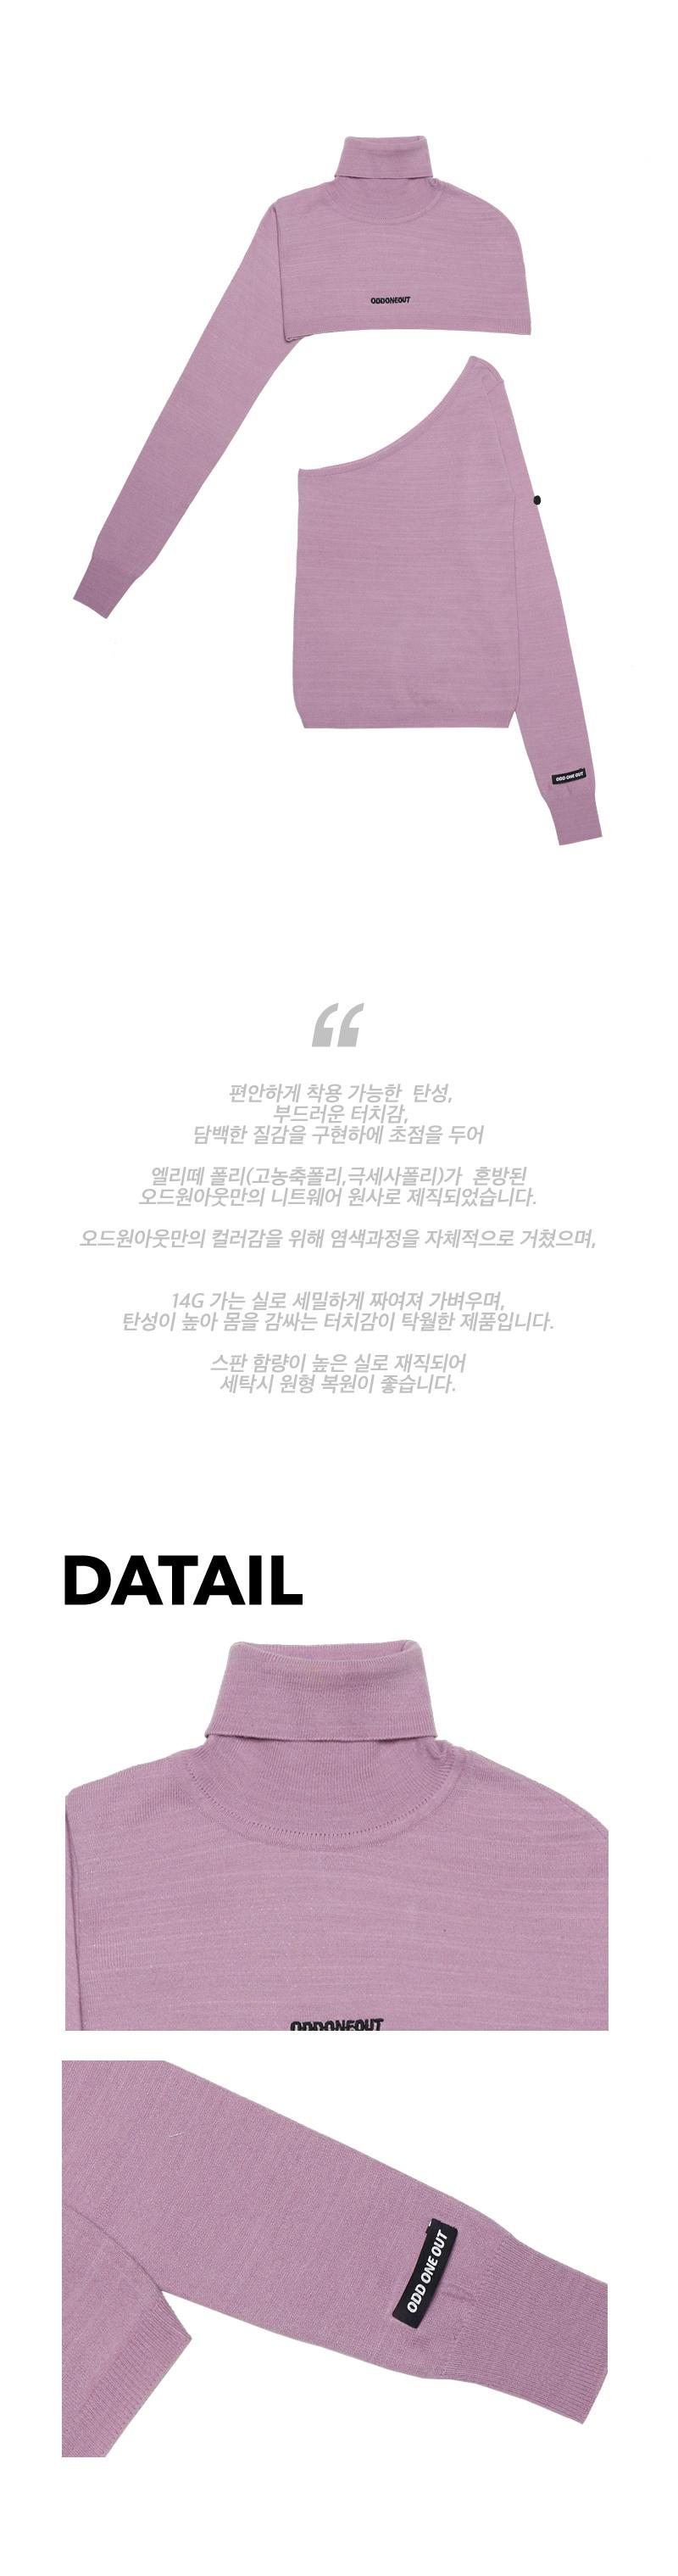 오드원아웃(ODDONEOUT) 투 웨이 터틀 넥_핑크